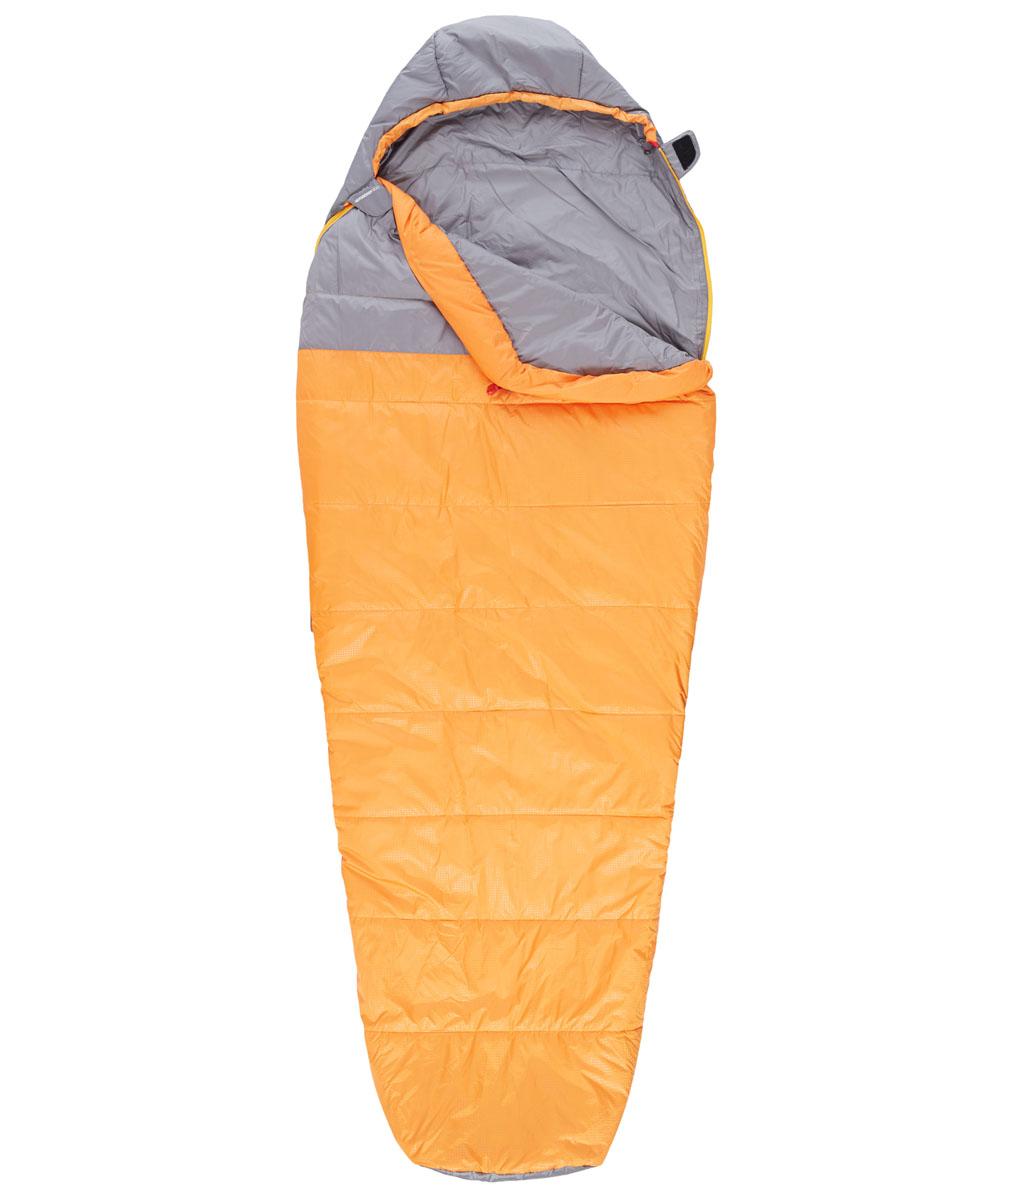 Мешок спальный The North Face Aleutian 35/2, цвет: оранжевый, серый, левосторонняя молния70368(н)-LThe North Face Aleutian 35/2 - это трехсезонный спальный мешок для путешествий, который можно целиком расстегнуть и расстелить в палатке. Этот спальный мешок очень вместительный, универсальный, теплый, комфортный и при этом практичный. Спальный мешок упакован в удобный чехол для переноски.Длина мешка: 183 см.Вес наполнителя: 517 г.